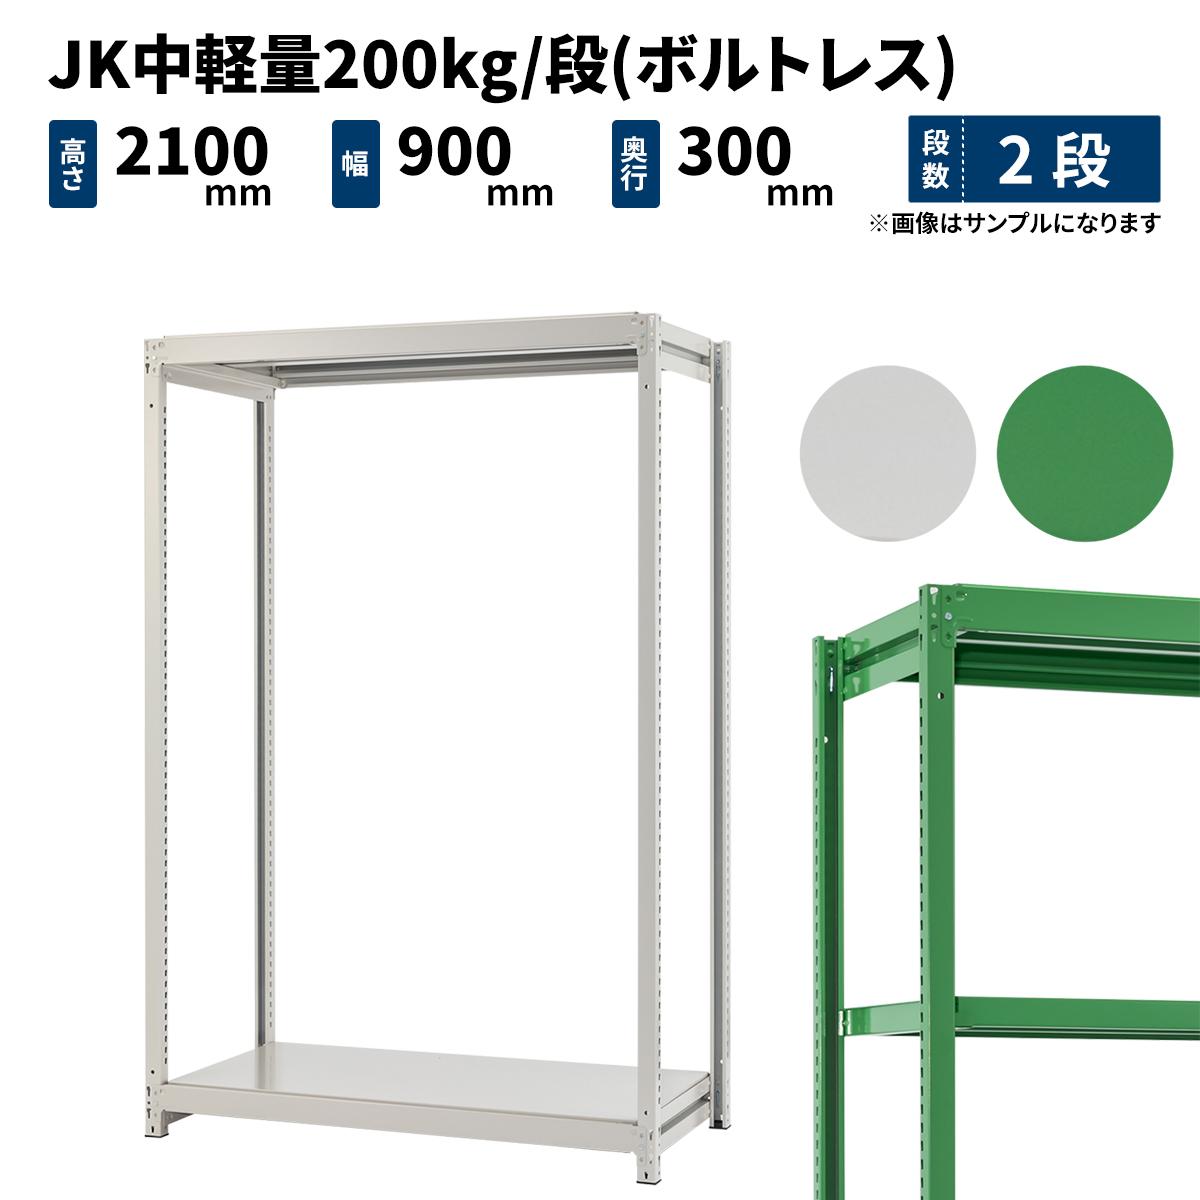 スチールラック 業務用 JK中軽量200kg/段(ボルトレス) 単体形式 高さ2100×幅900×奥行300mm 2段 ホワイトグレー/グリーン (27kg) JK200_T-210903-2